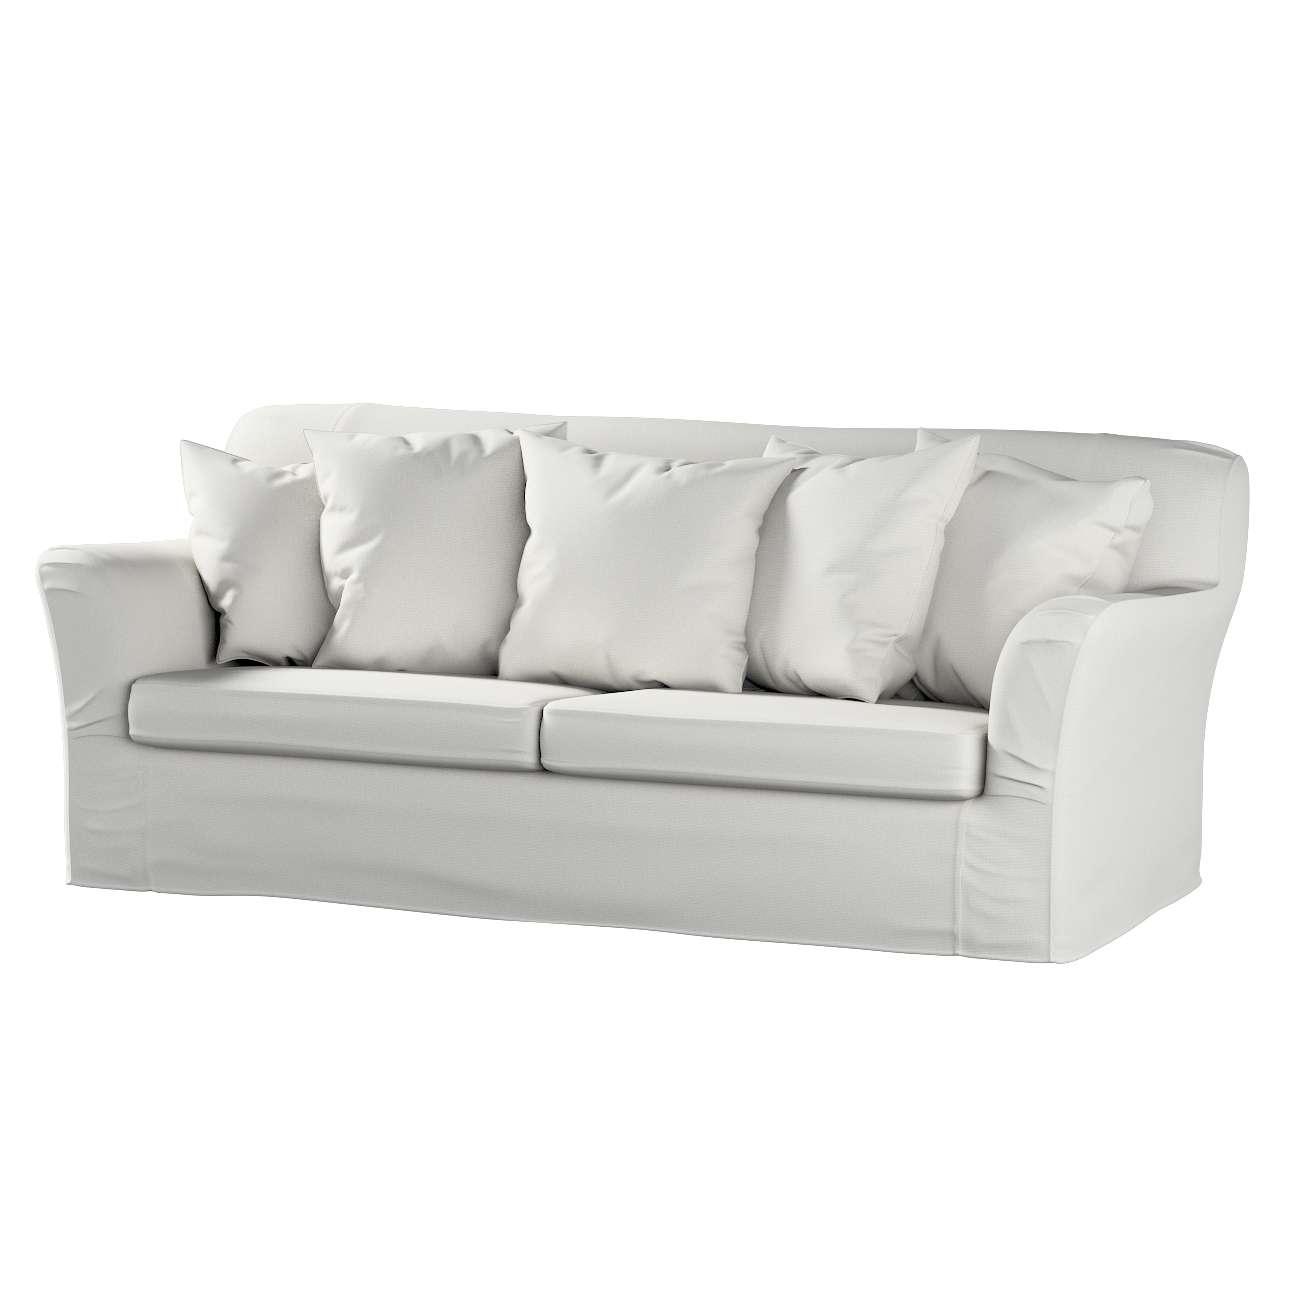 Pokrowiec na sofę Tomelilla 3-osobową rozkładaną Sofa Tomelilla rozkładana w kolekcji Etna , tkanina: 705-90